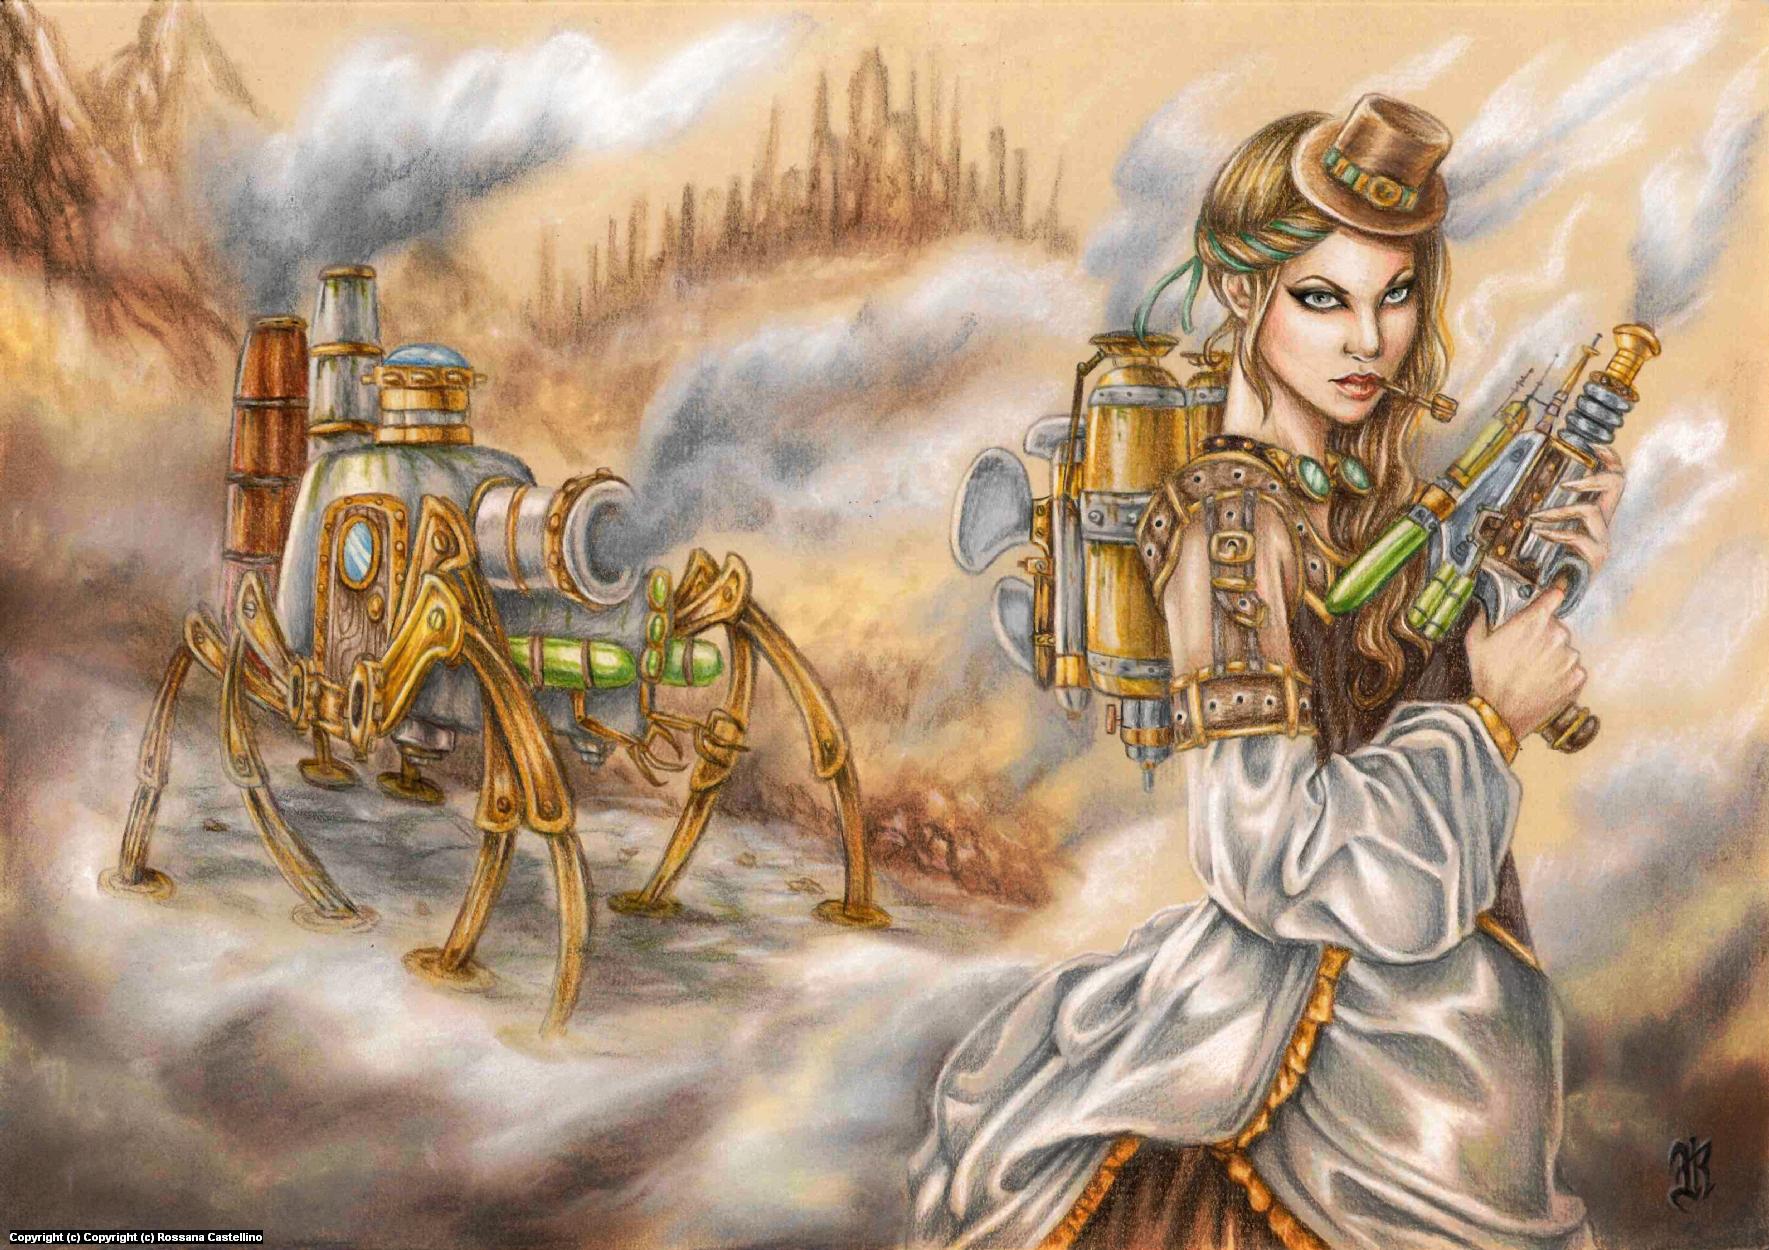 Steam Invasion Artwork by Rossana Castellino